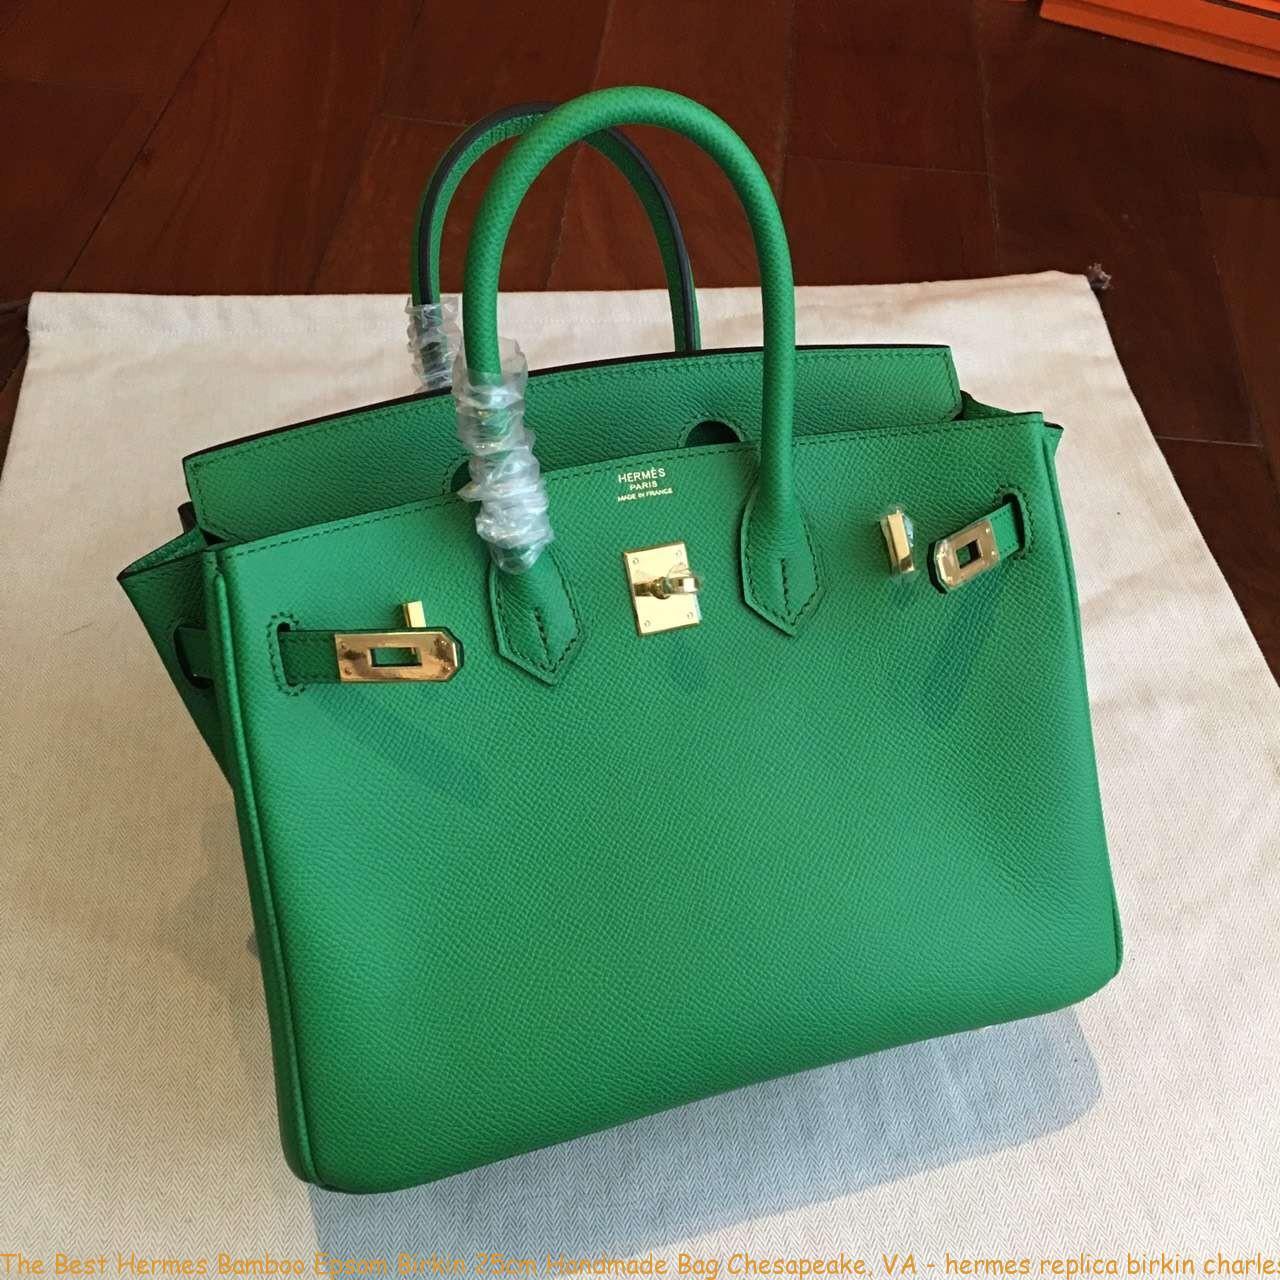 The Best Hermes Bamboo Epsom Birkin 25cm Handmade Bag Chesapeake 049df87e63fb6